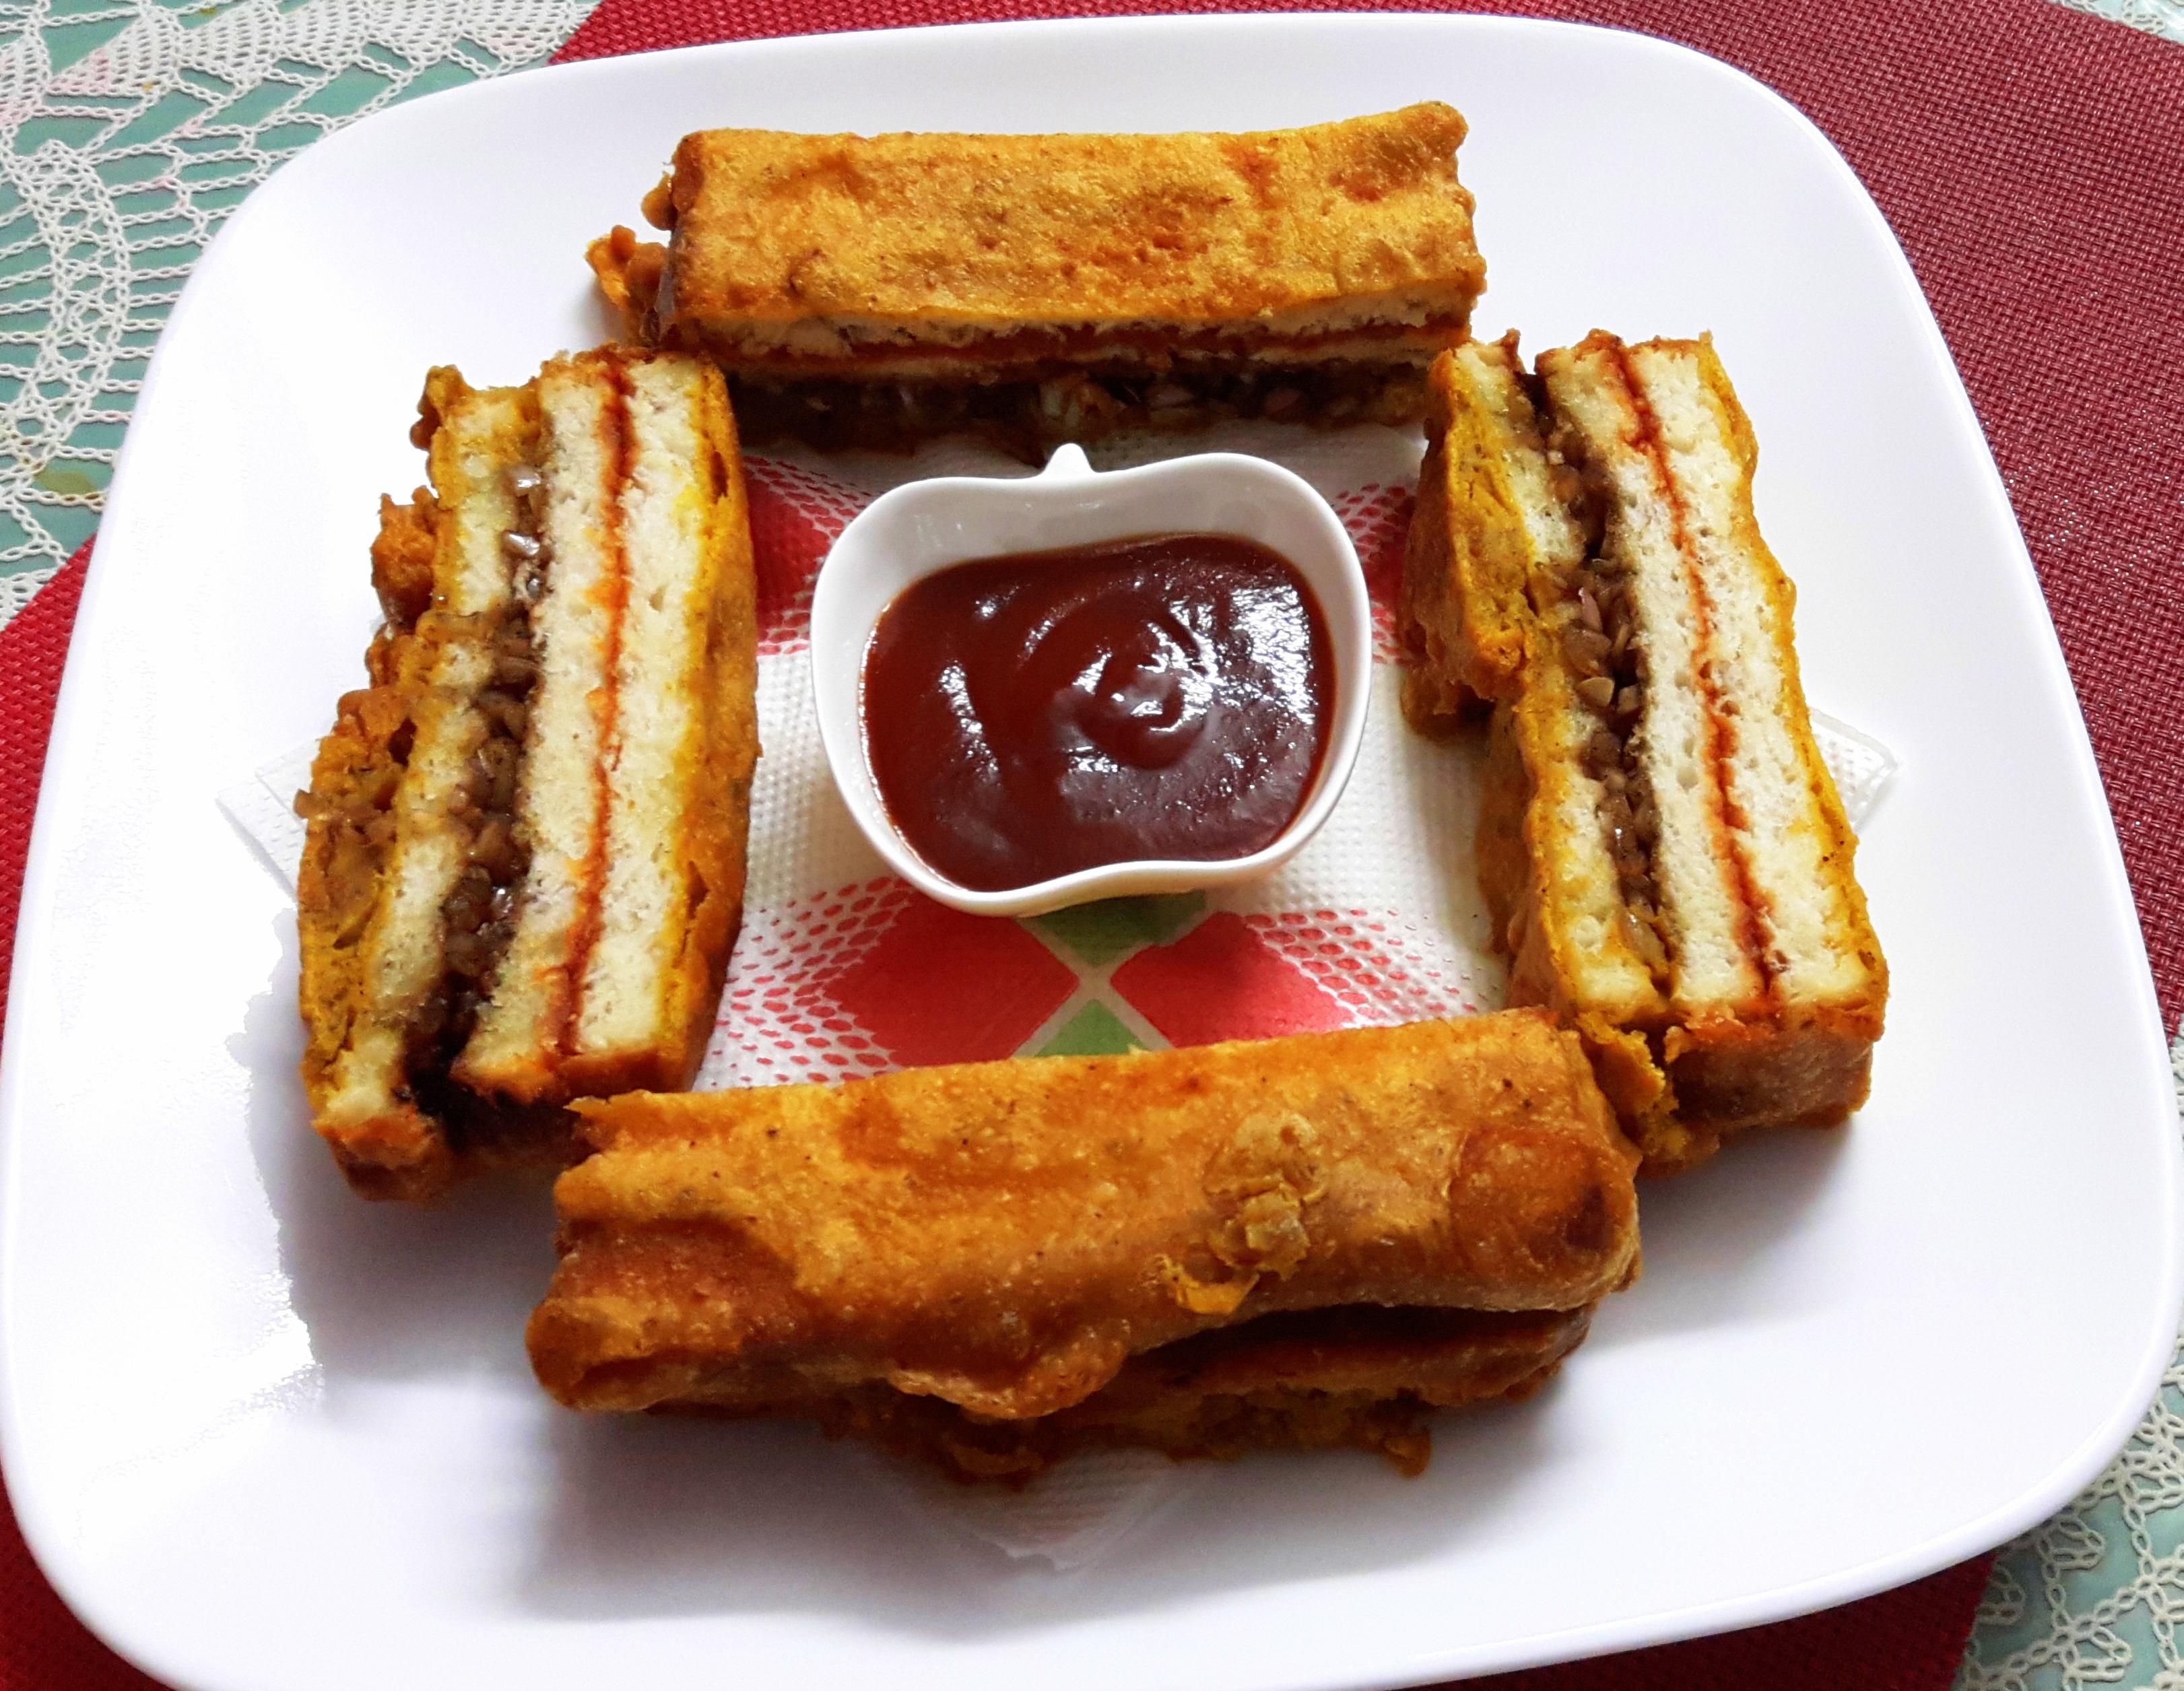 Bread sandwich pakoda (bread sandwich fritters)